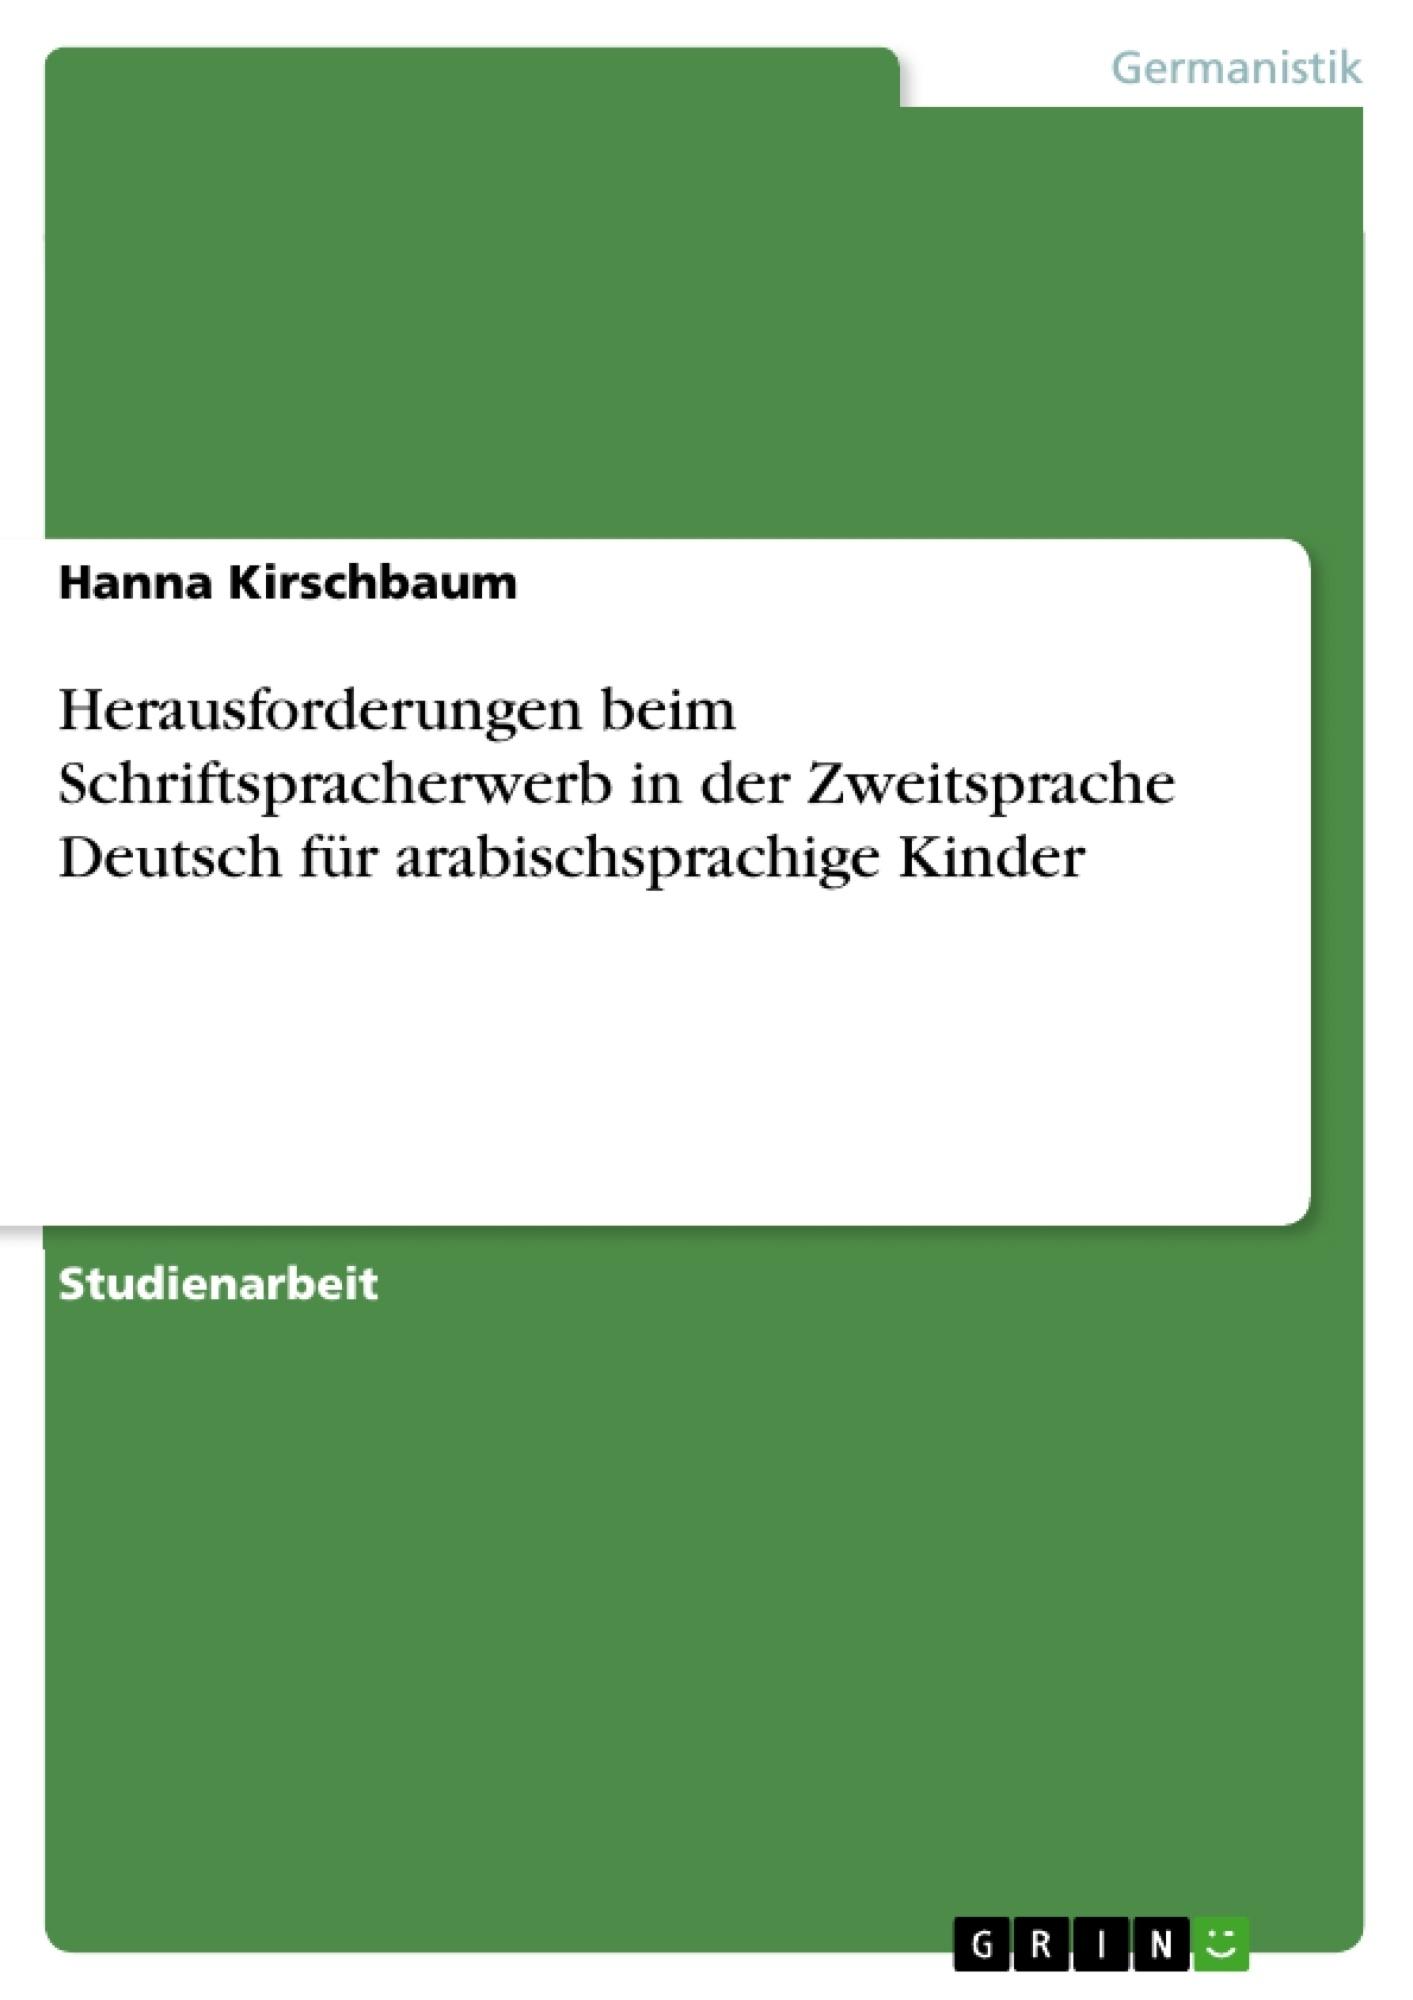 Titel: Herausforderungen beim Schriftspracherwerb in der Zweitsprache Deutsch für arabischsprachige Kinder